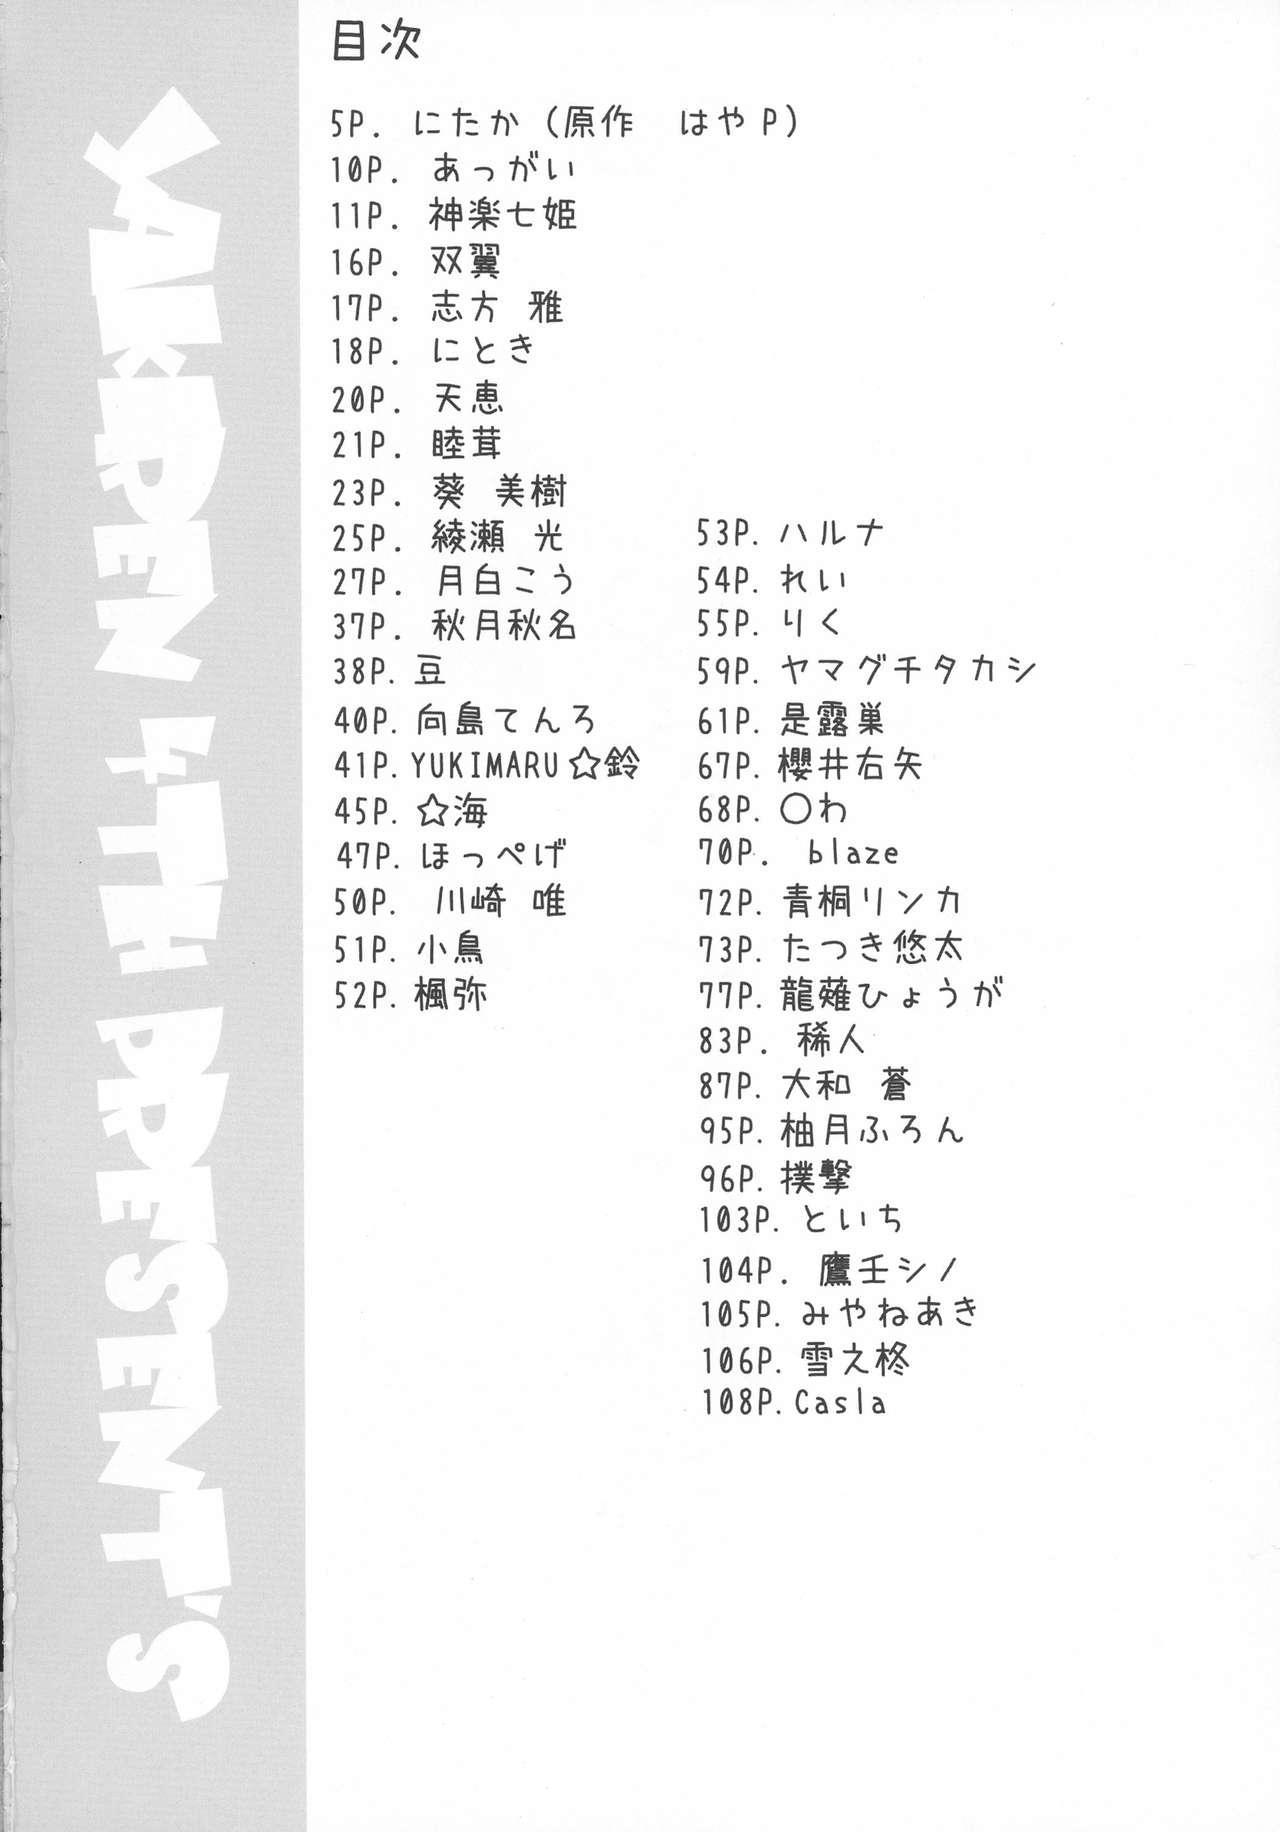 Futanarikko to Otoko no Musume Kyousoukyoku 3